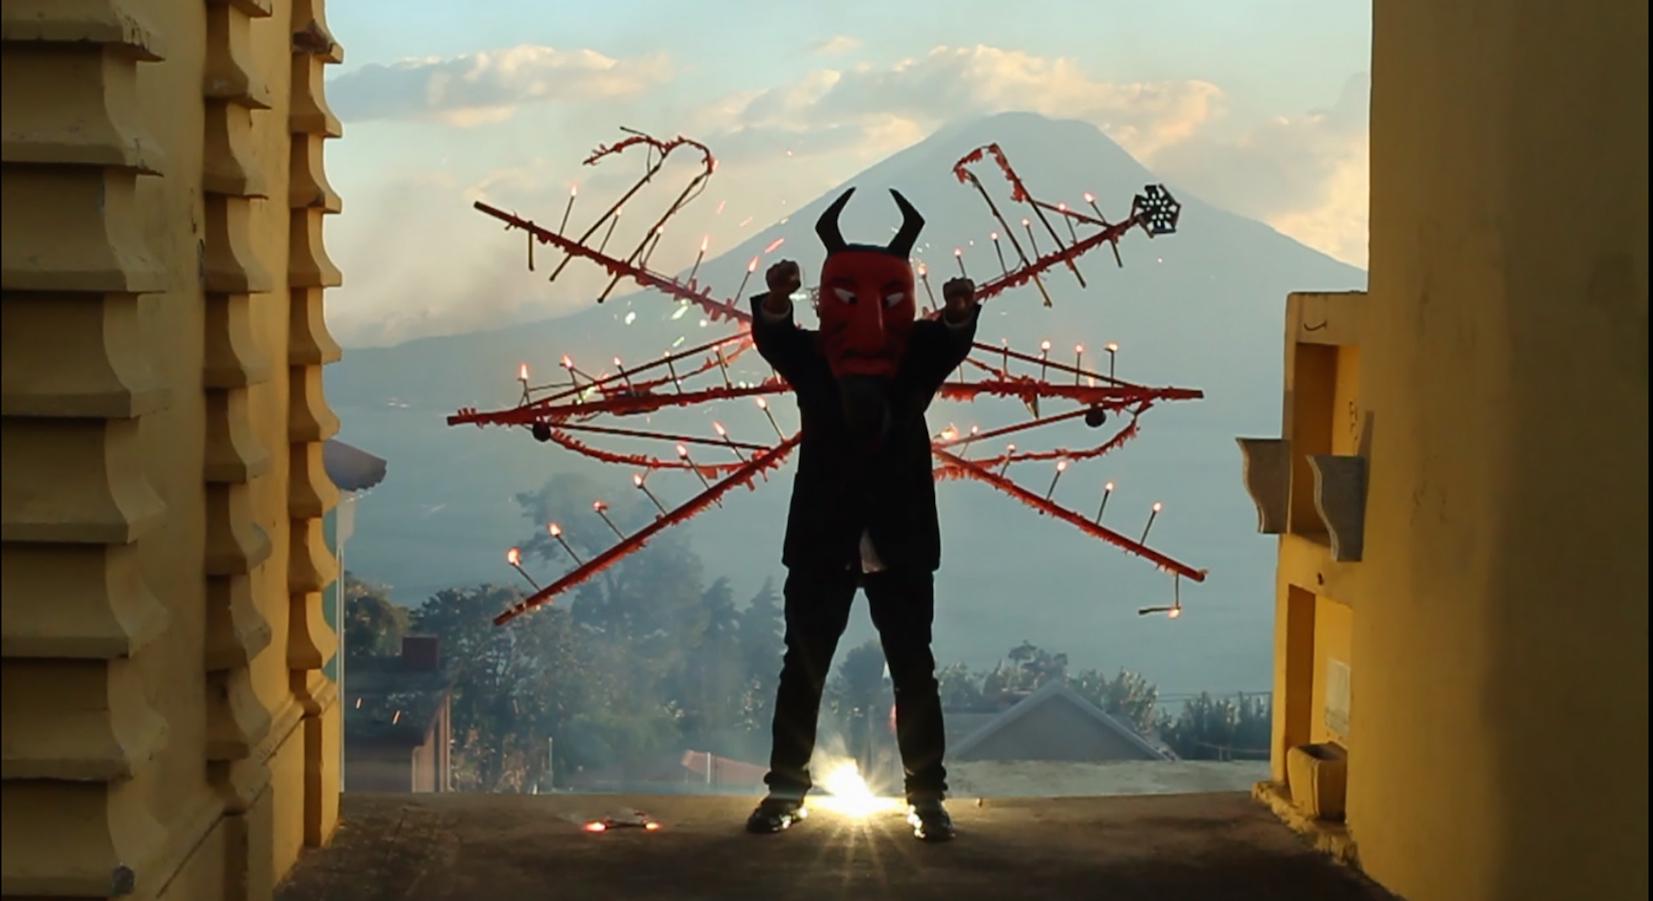 Un juego de fuego, de Guatemala.